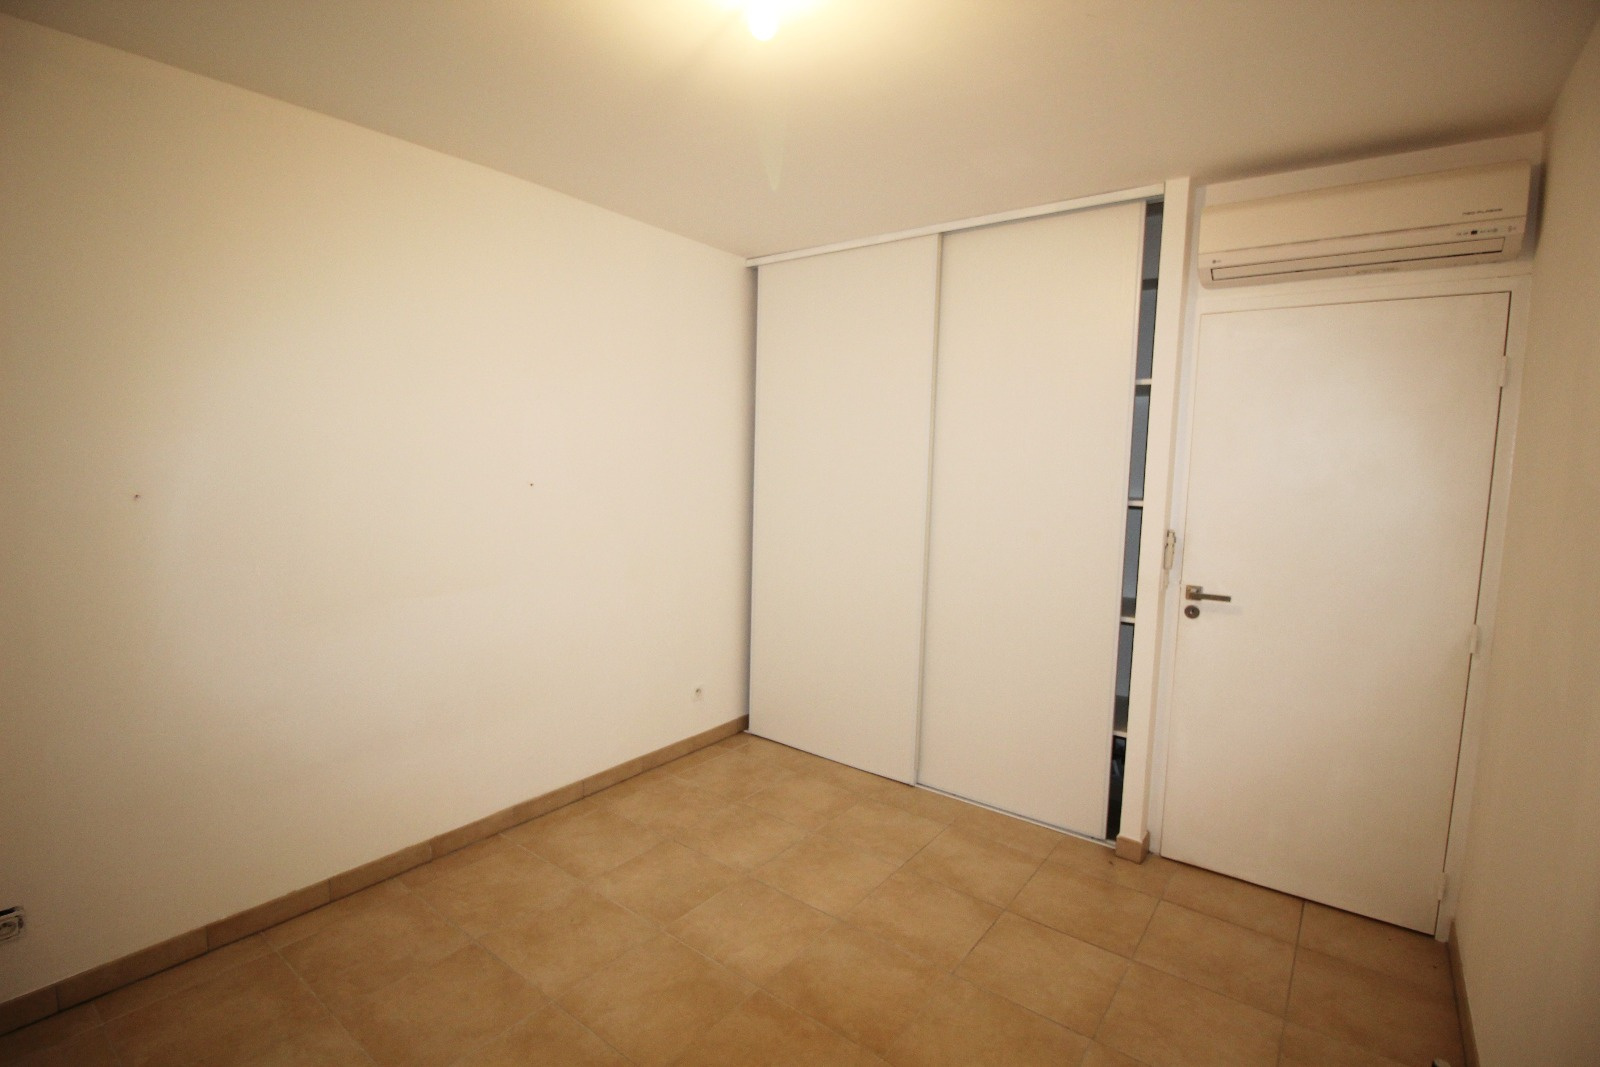 Vente appartement type t3 avec ascenseur proche du centre du village port - Ascenseur individuel prix ...